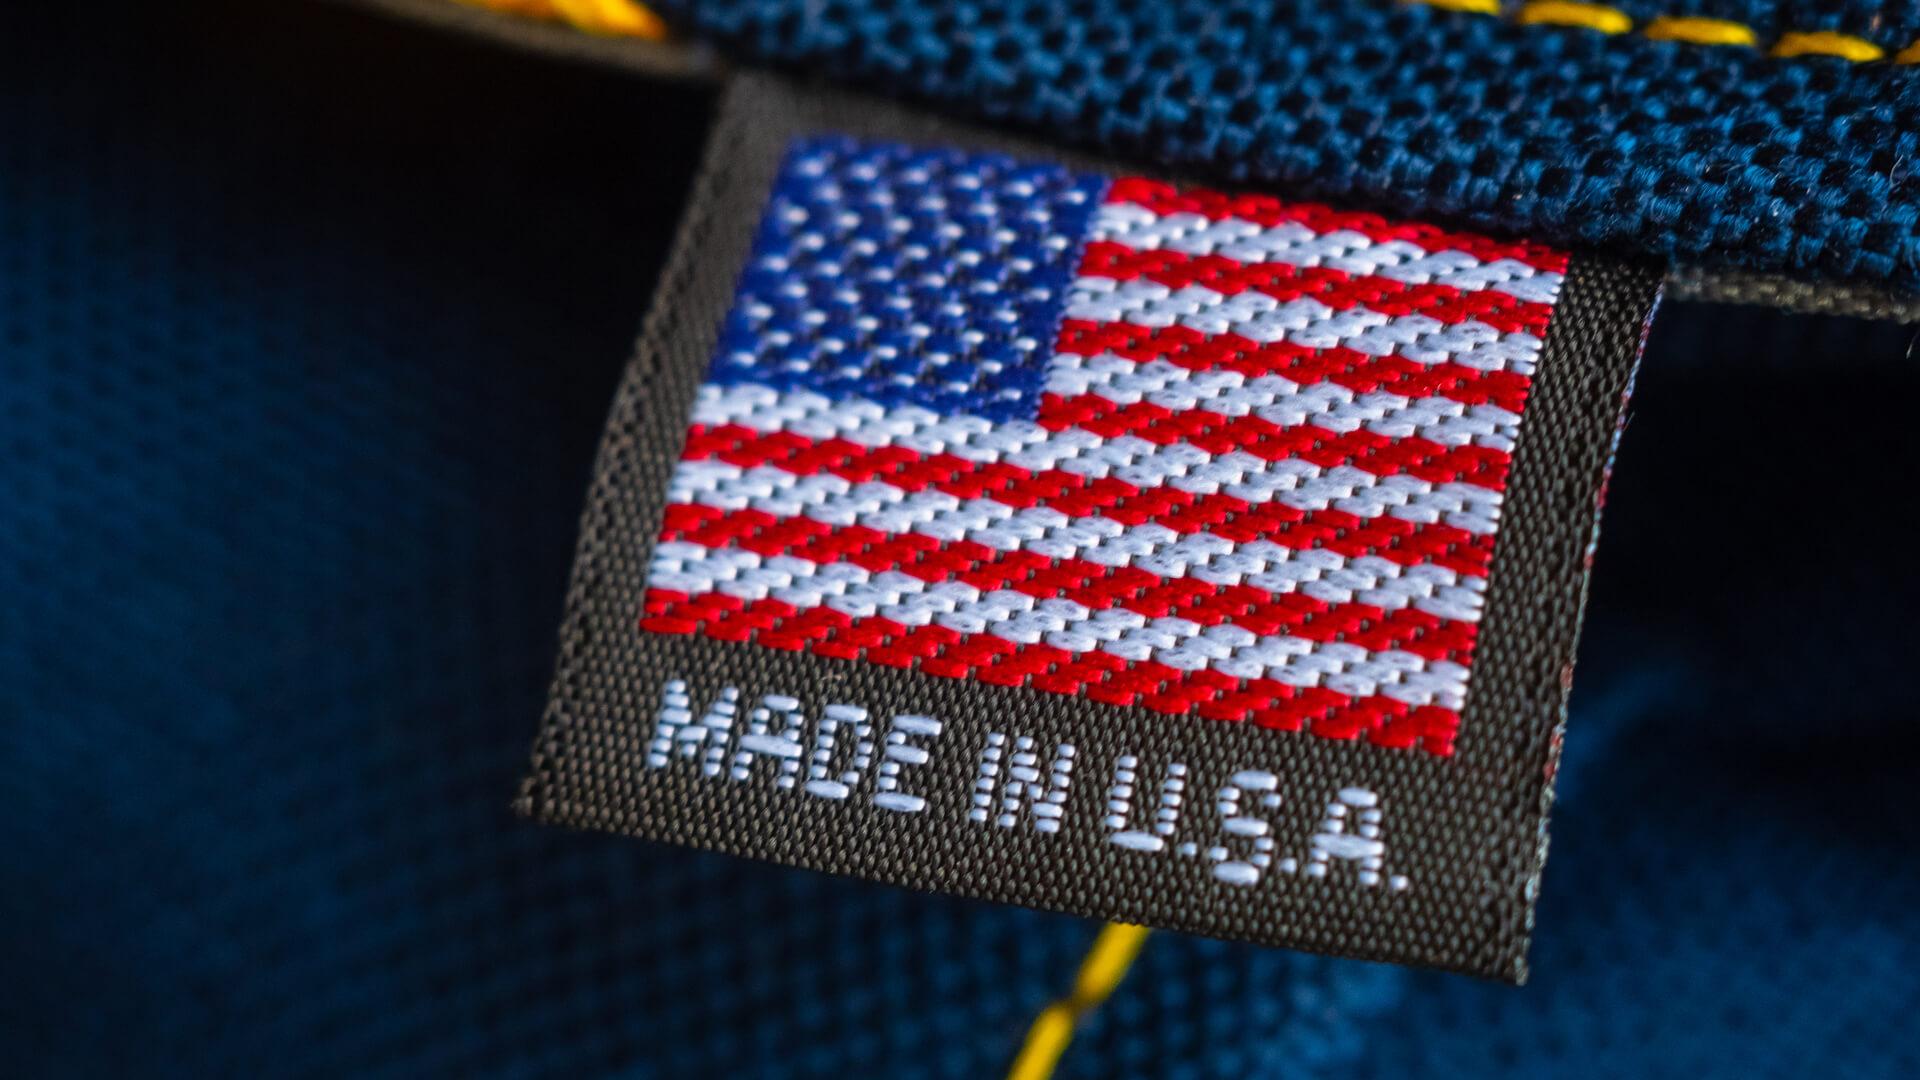 Extensiones de anuncios 'Made in USA' detectadas en Bing